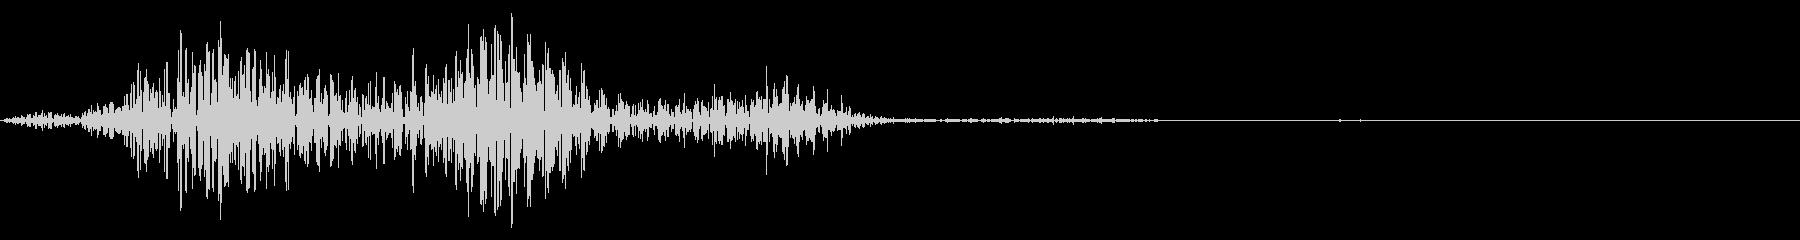 コメディタッチの擬音です。スワイプ音な…の未再生の波形